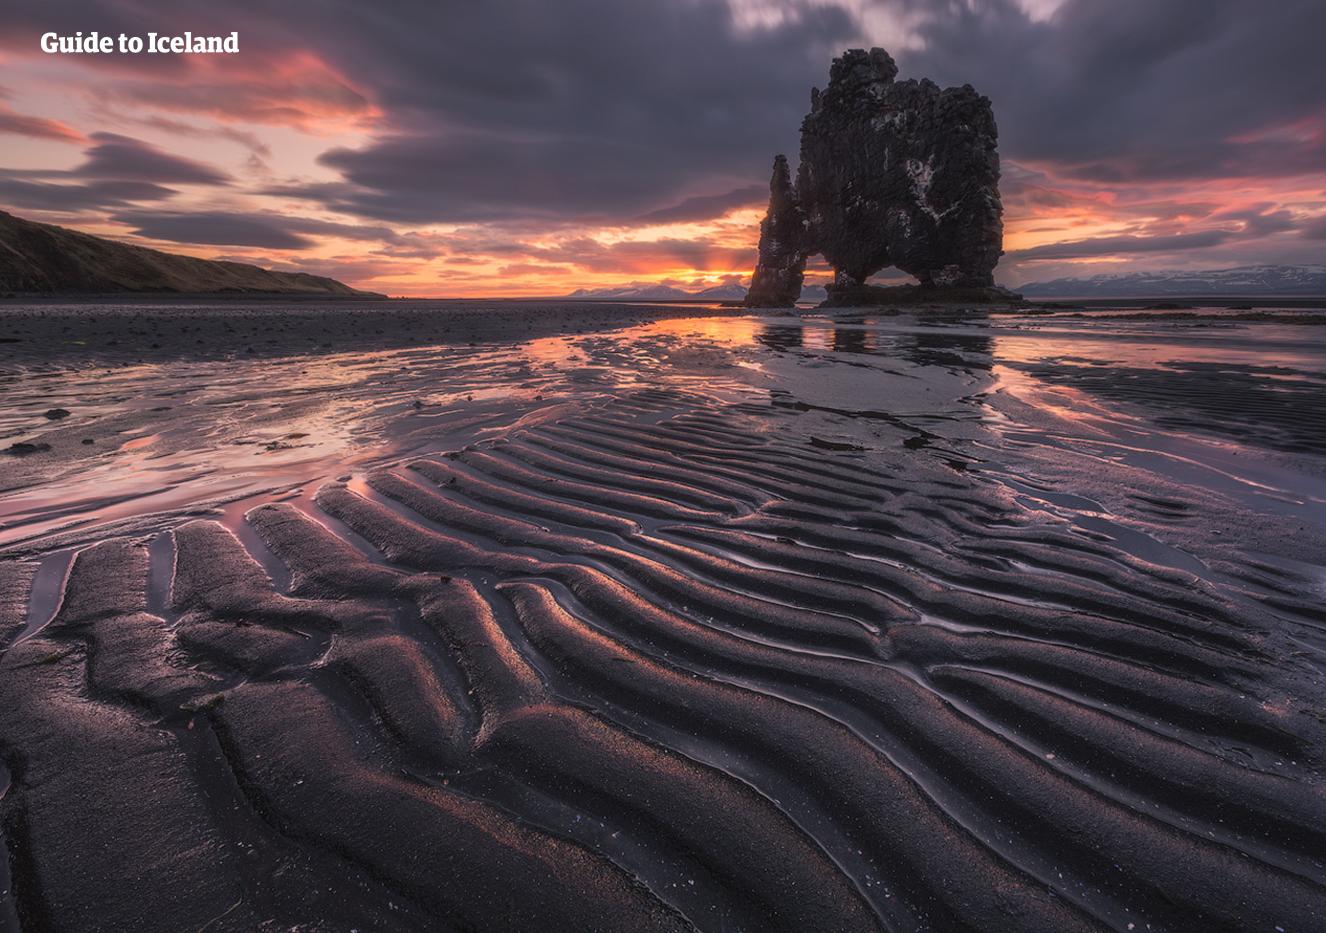 冰岛著名的犀牛石(Hvítserkur)矗立在北部的Vatnsnes 半岛之上